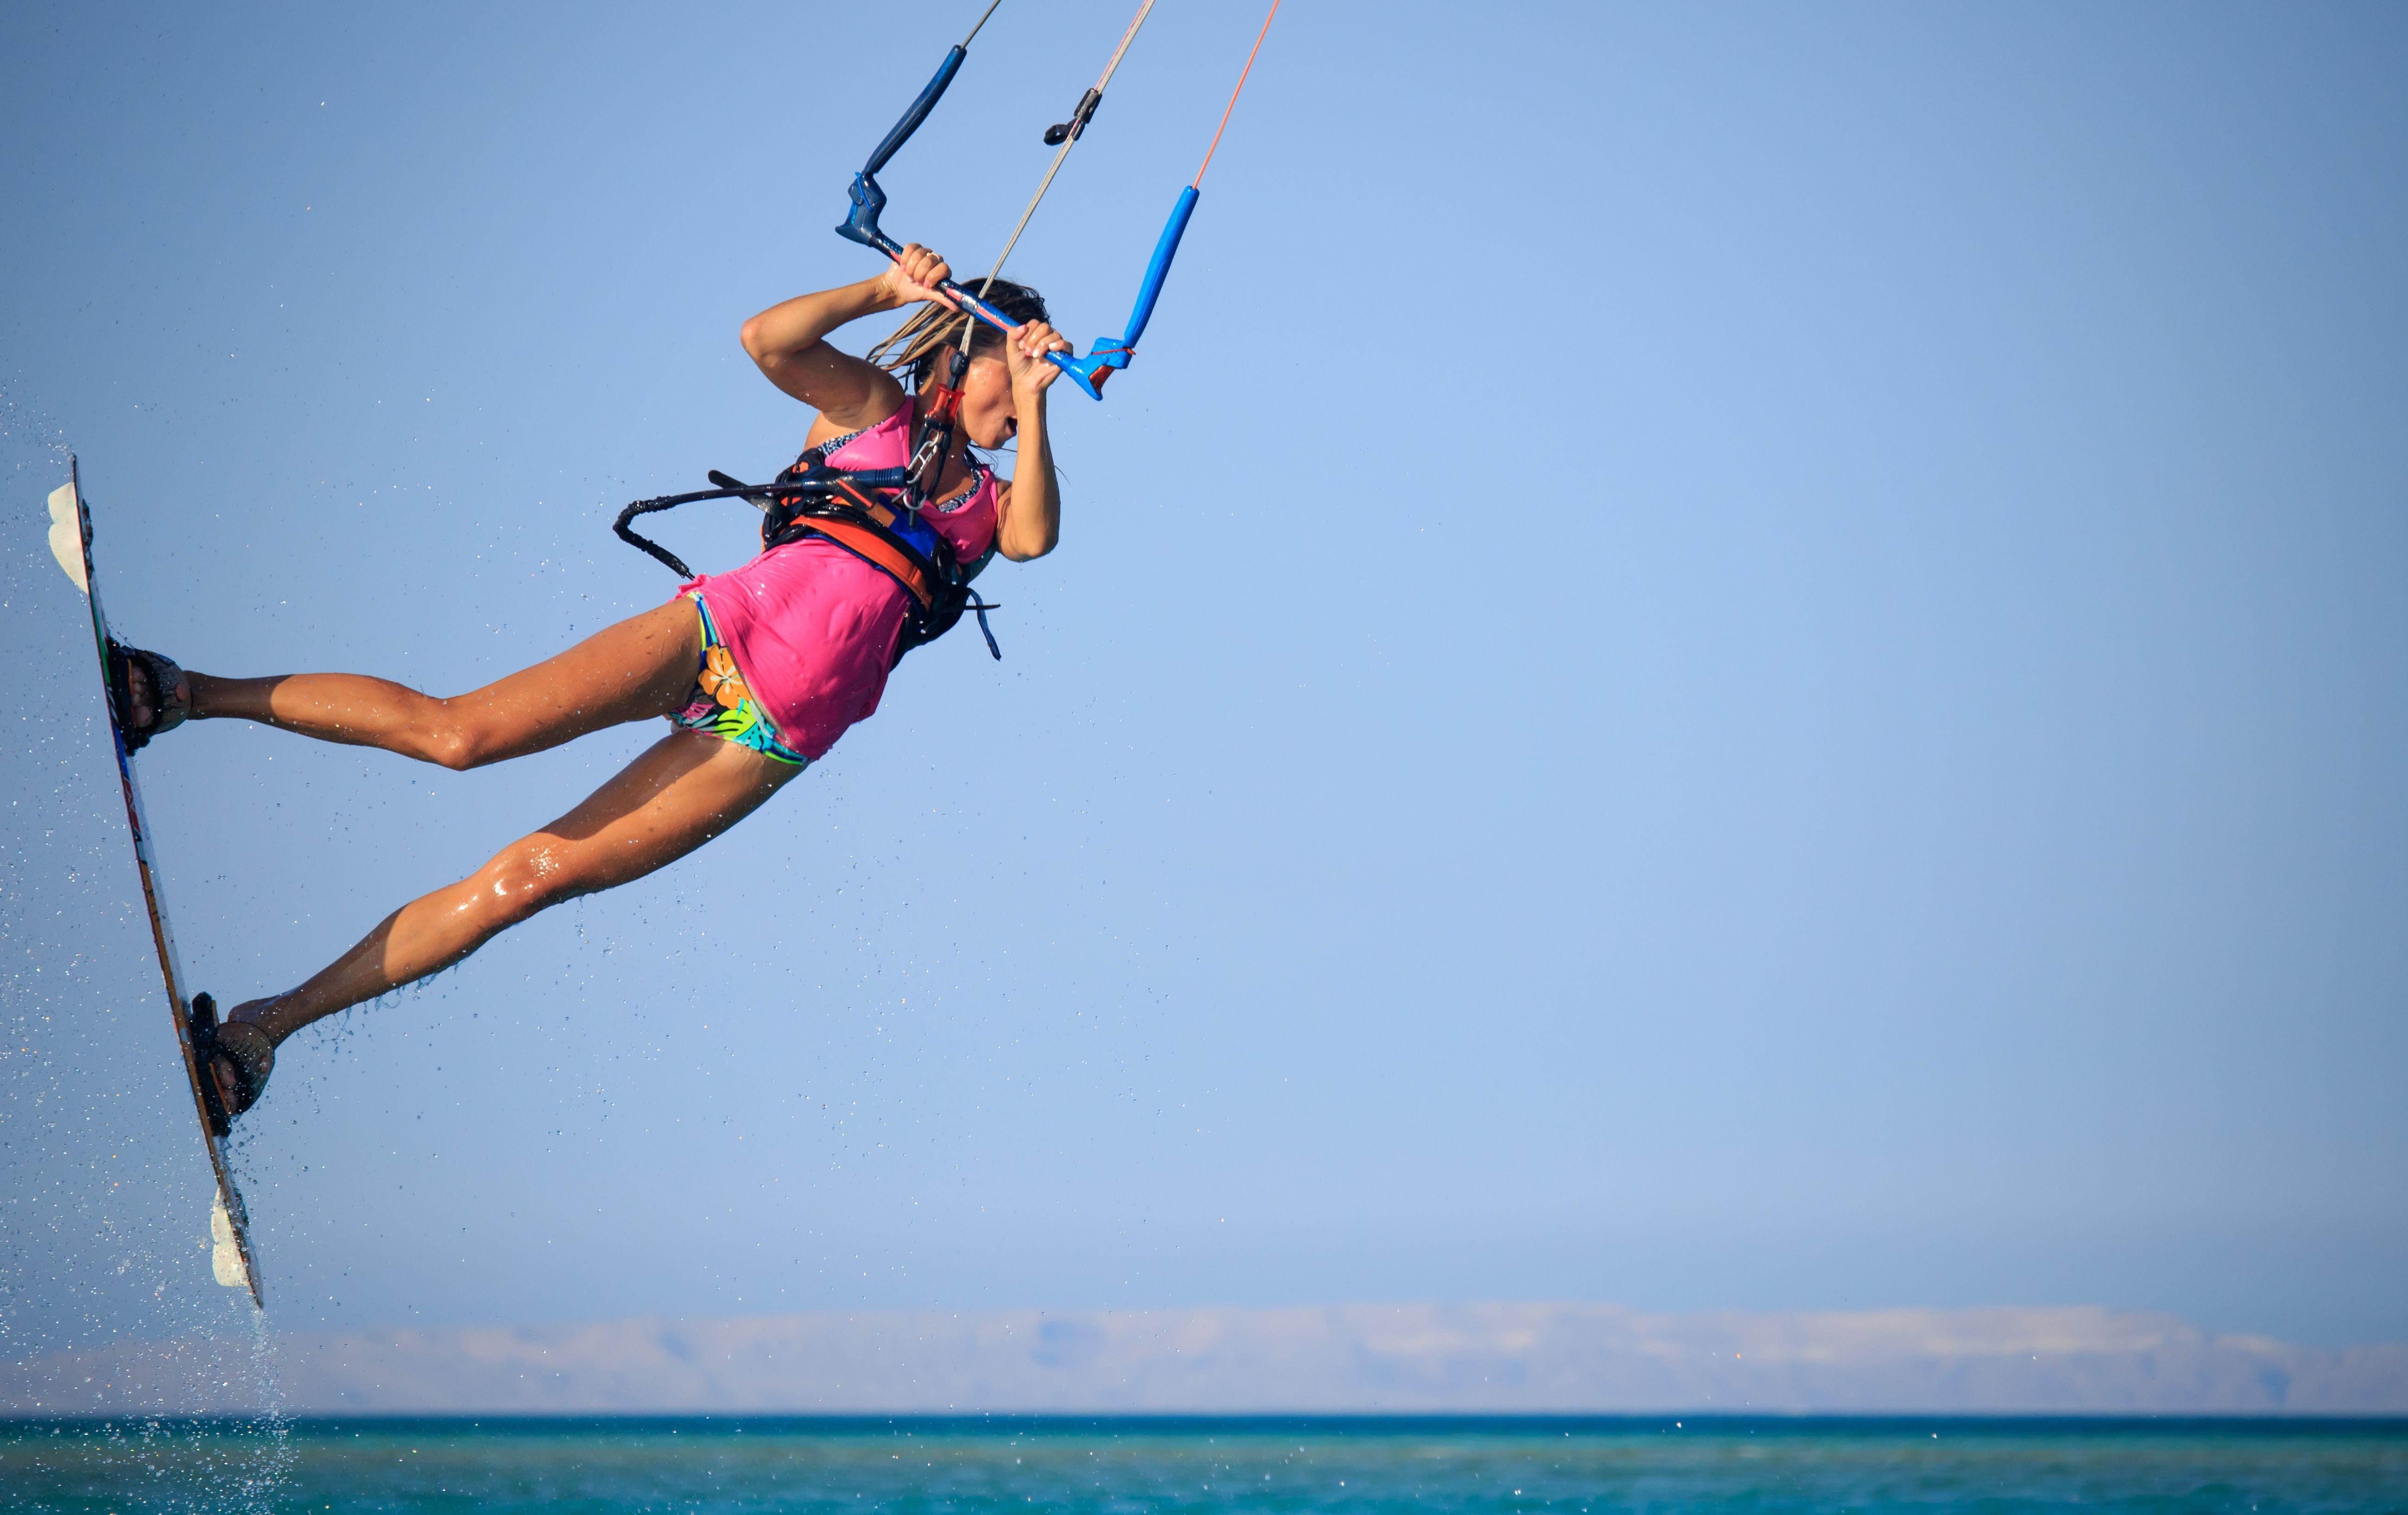 saltos kitesurf jumping